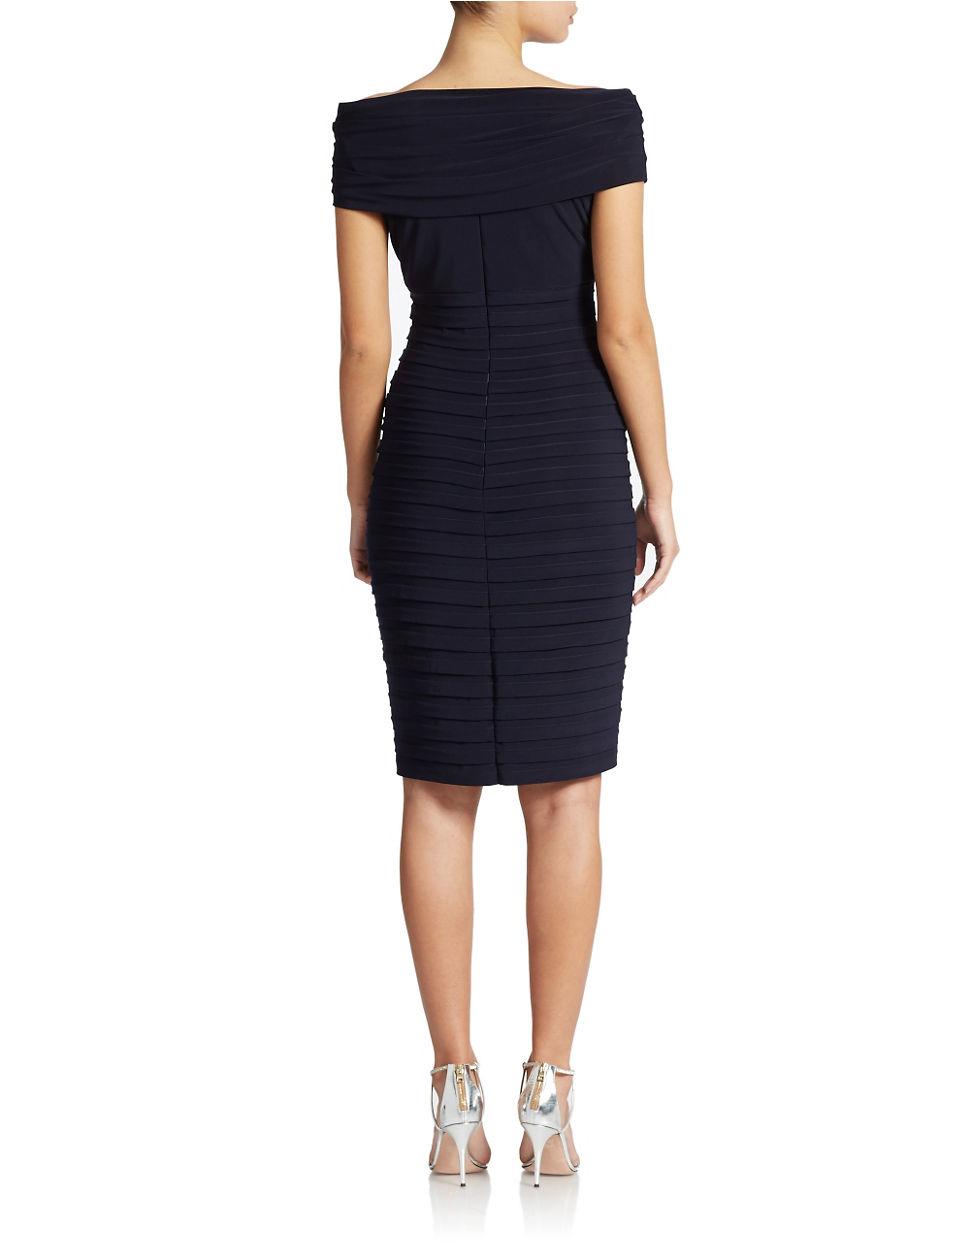 Xscape Shutter Pleat Dresses